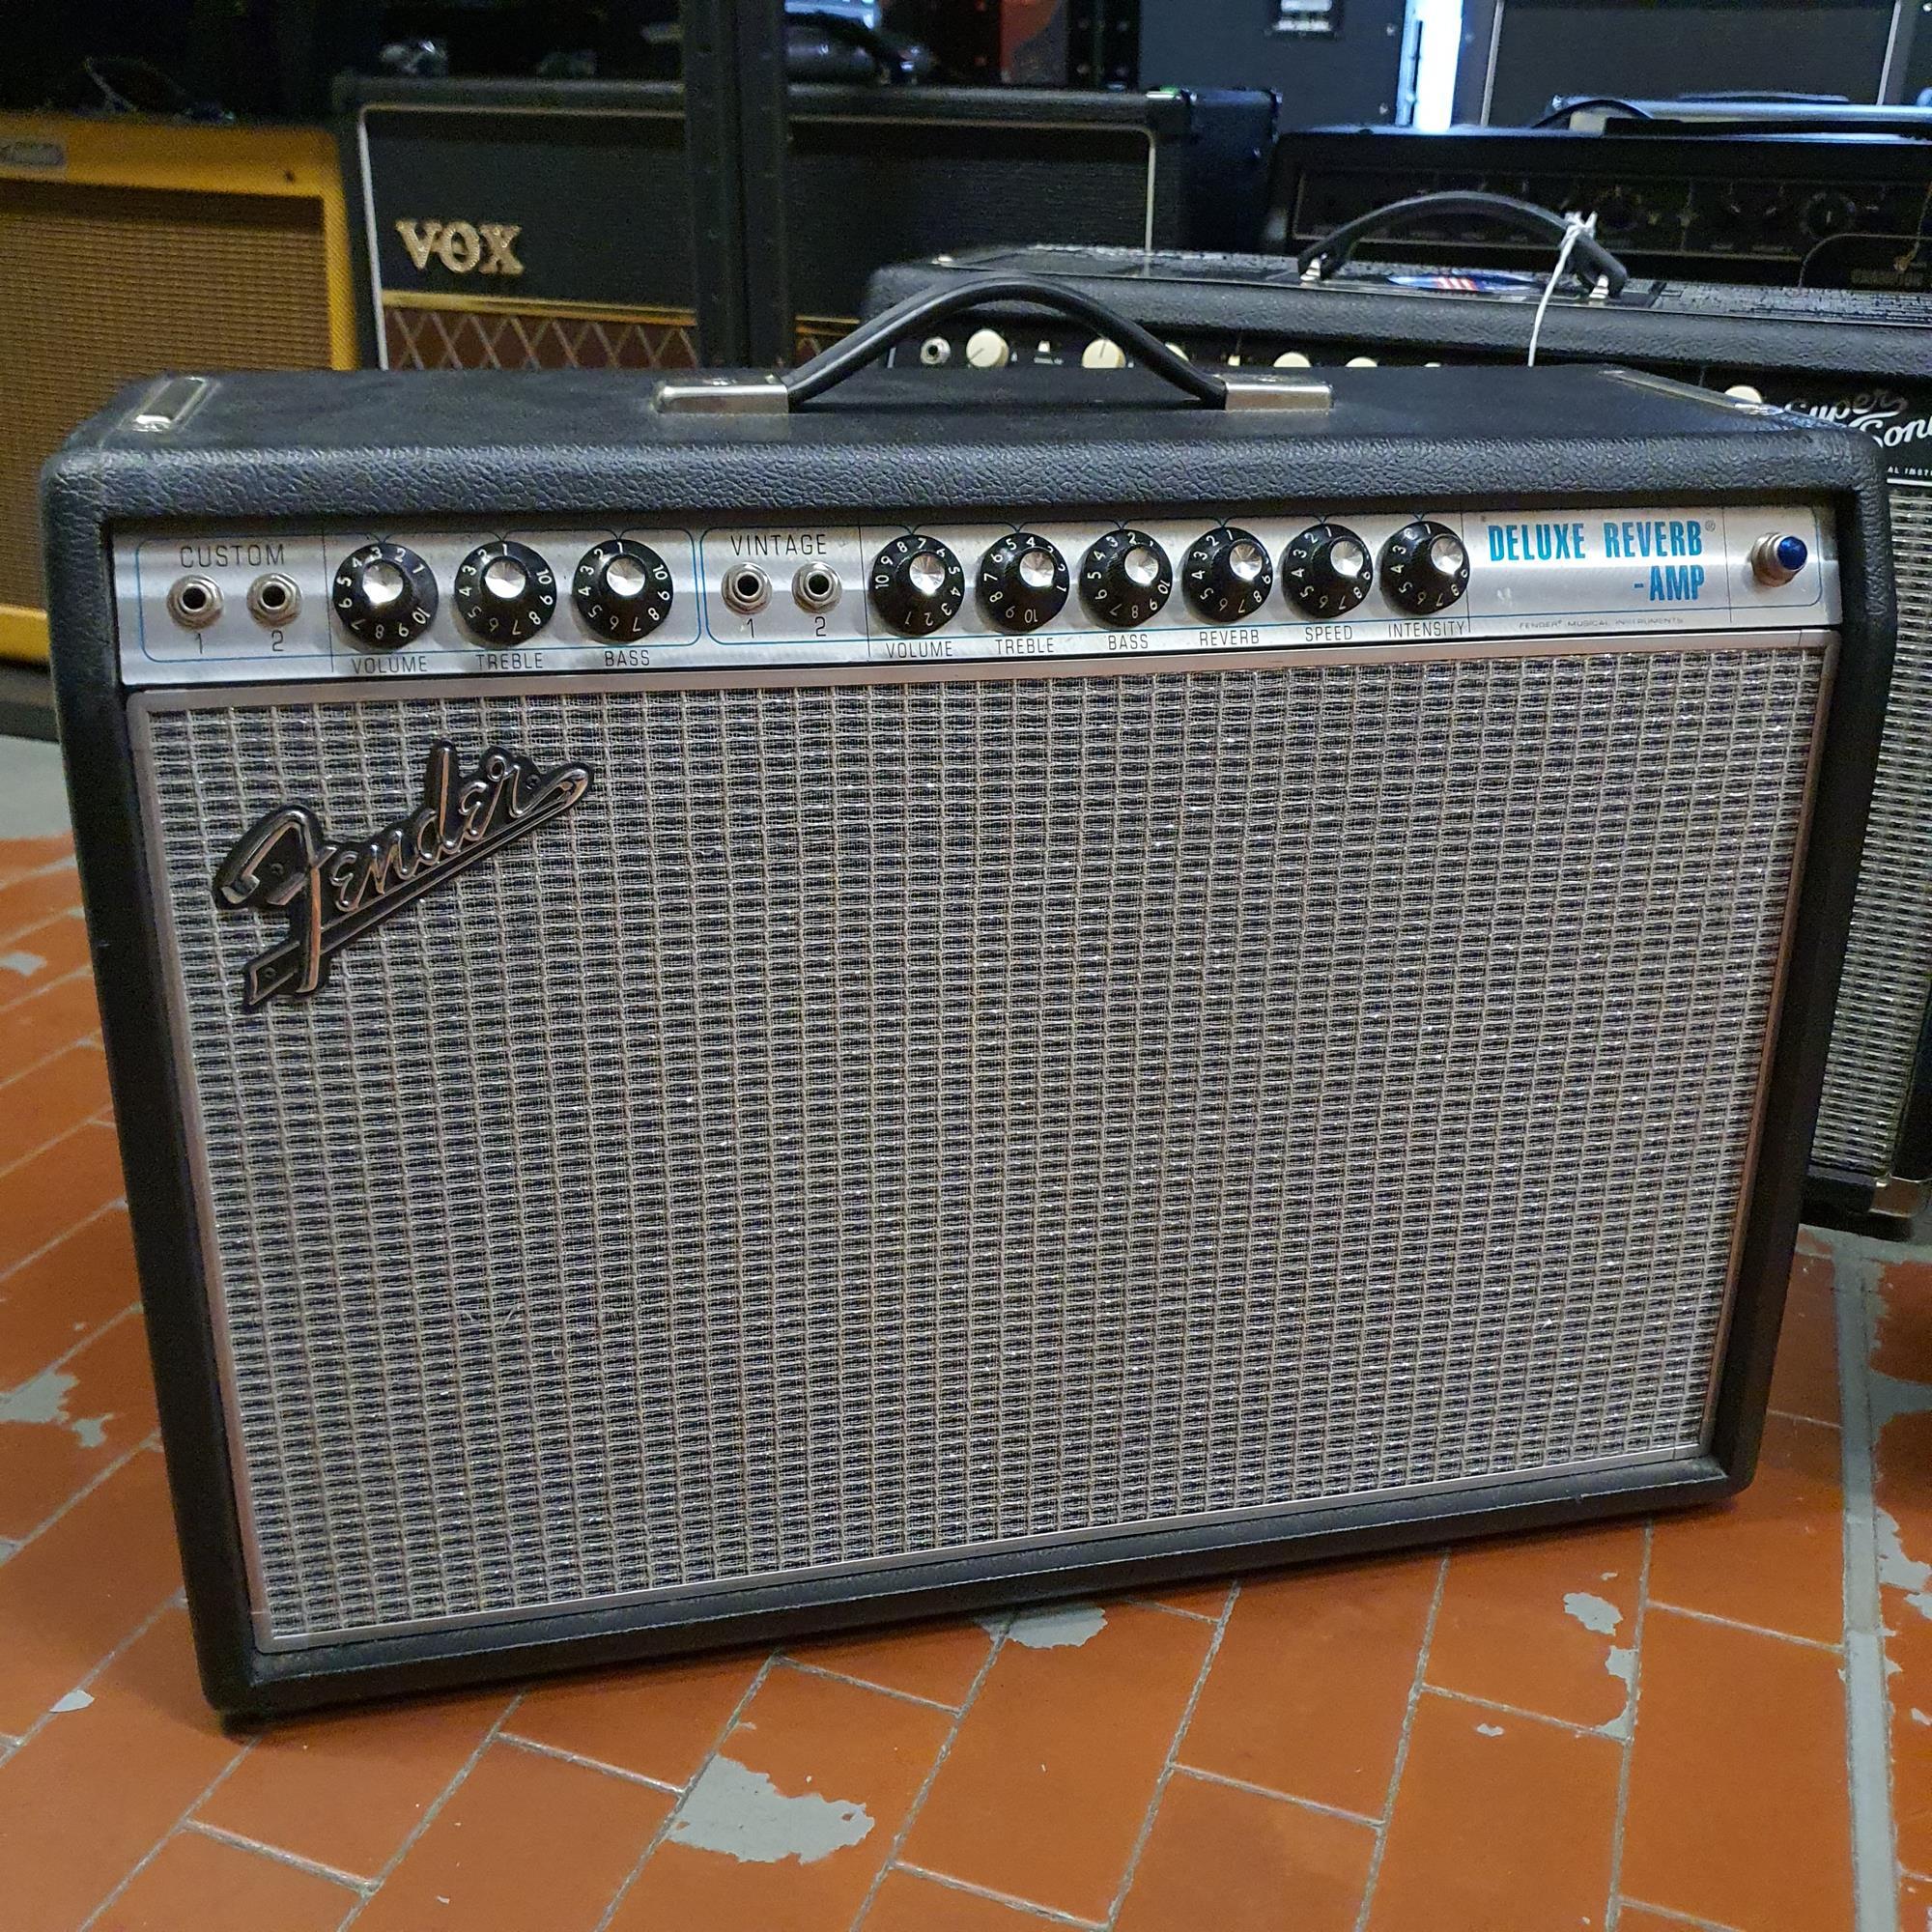 FENDER-68-CUSTOM-DELUXE-REVERB-AMP-sku-1603549396411